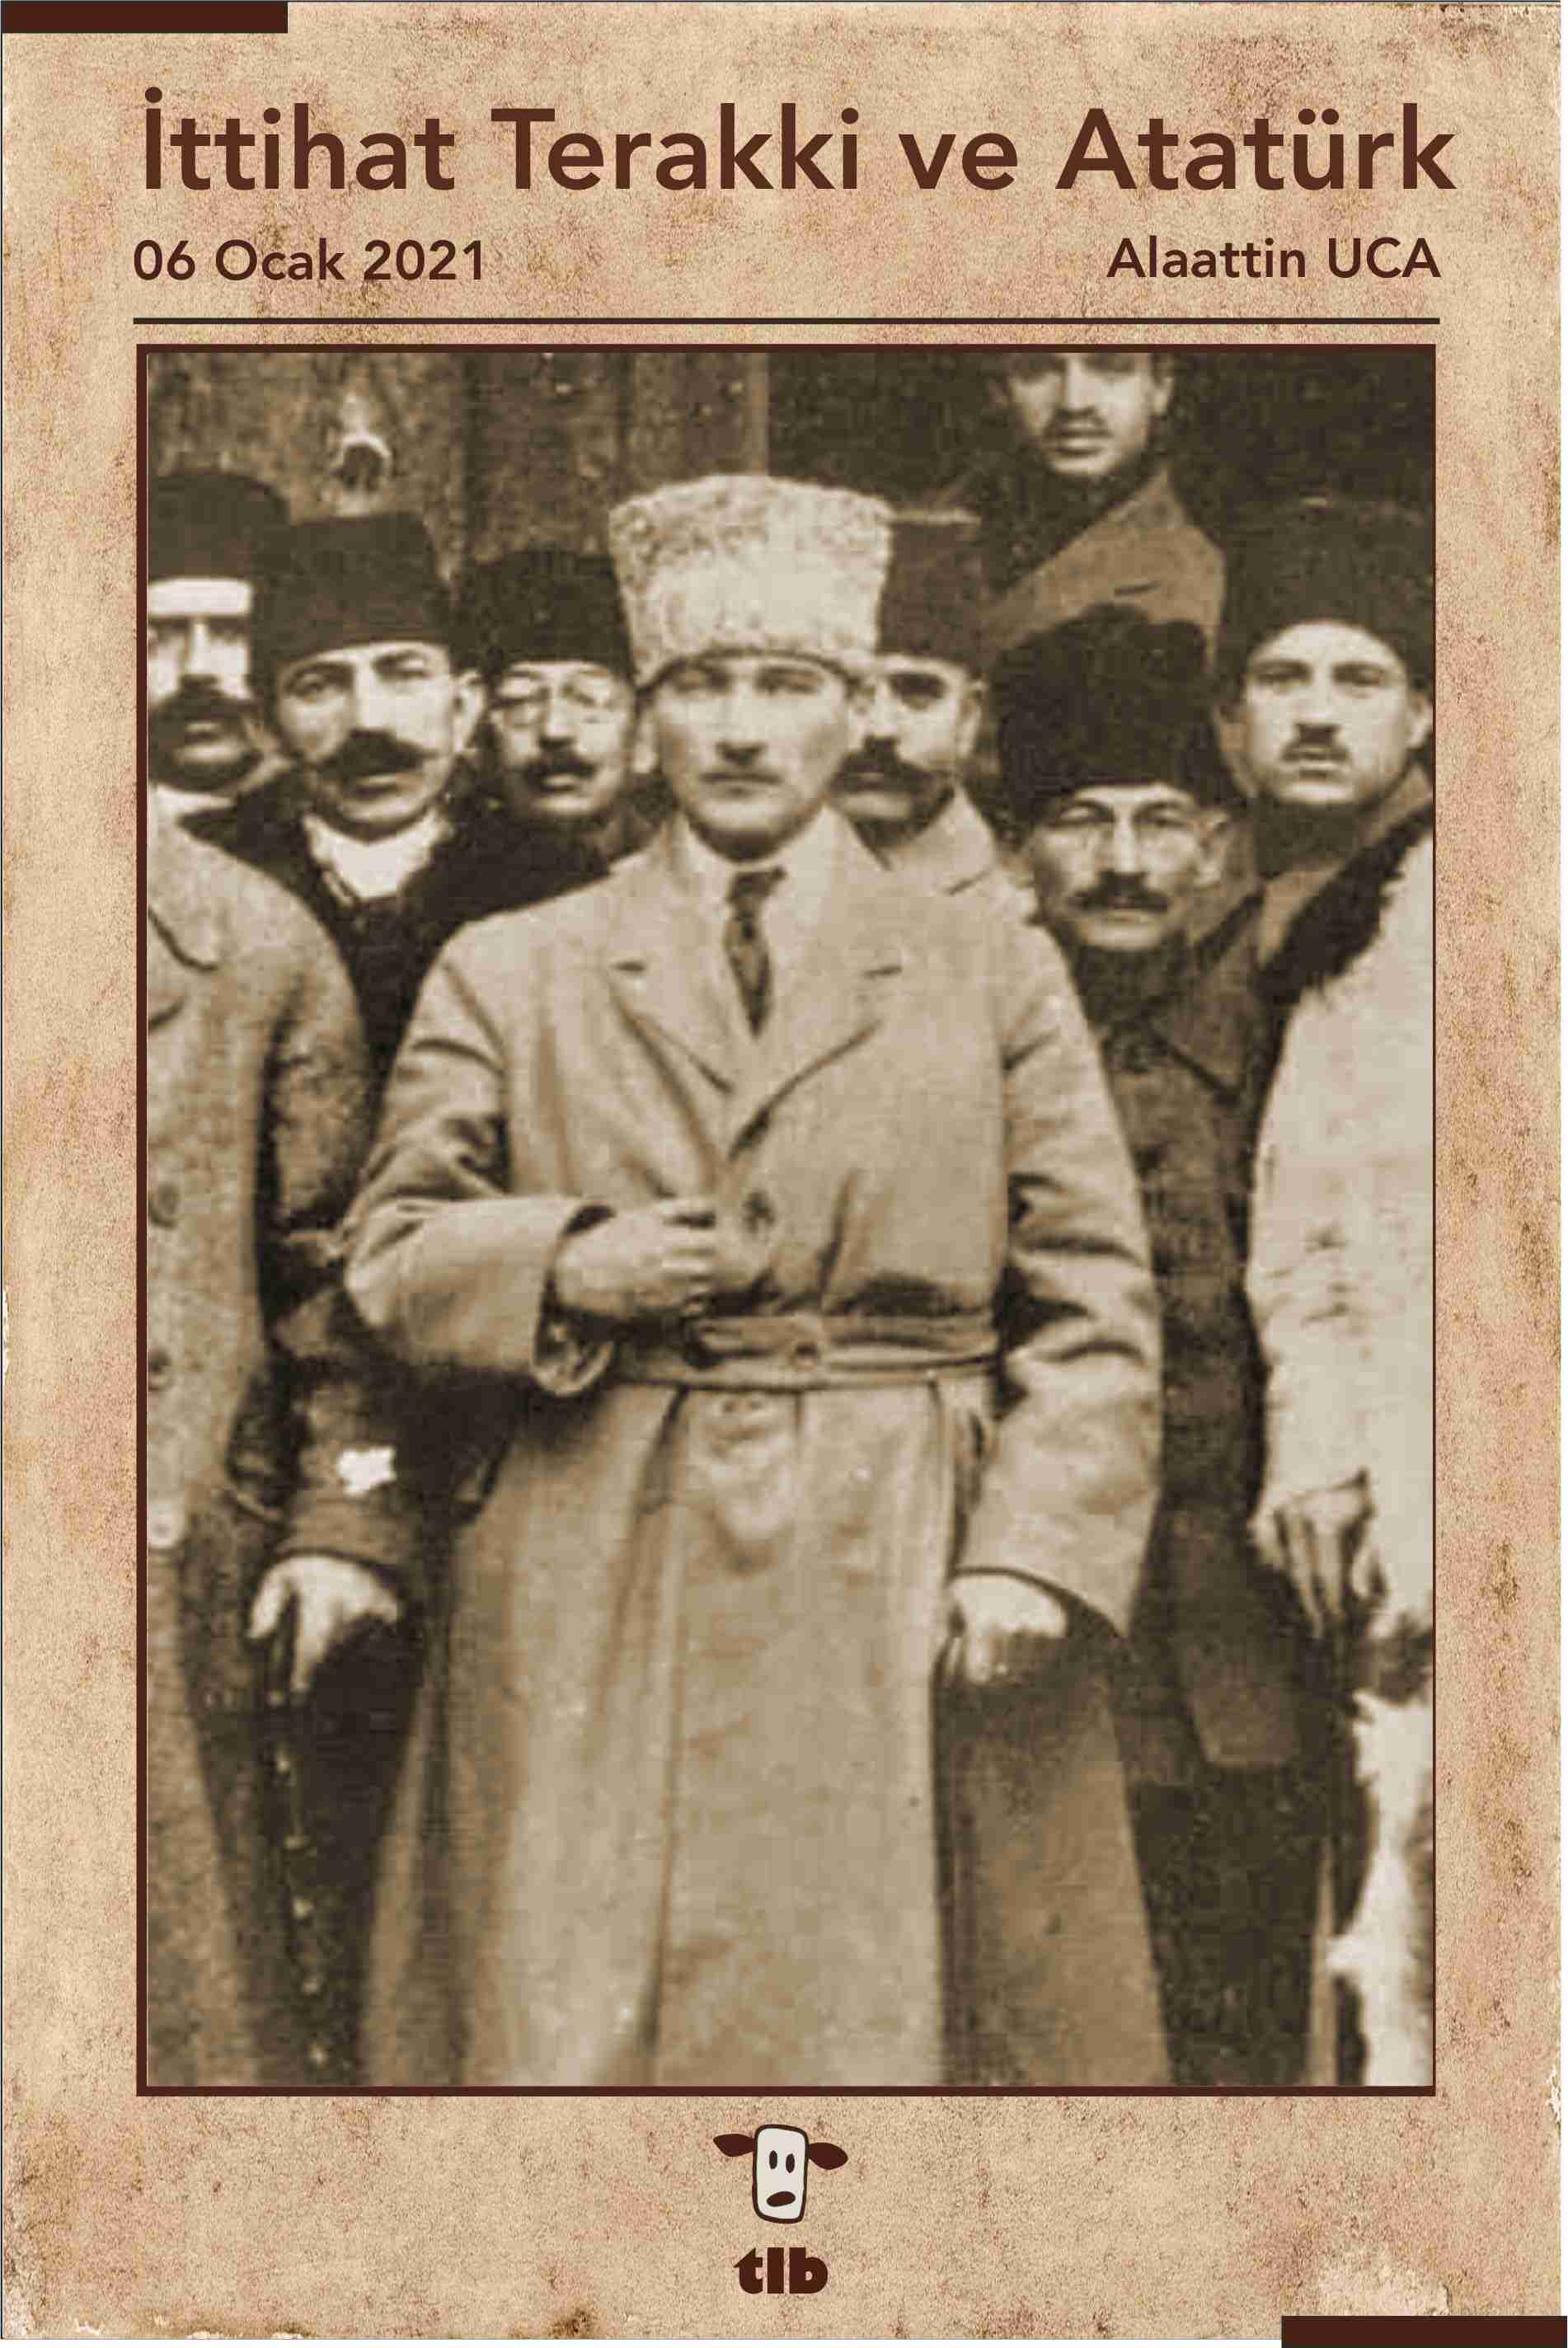 İttihat Terakki ve Atatürk